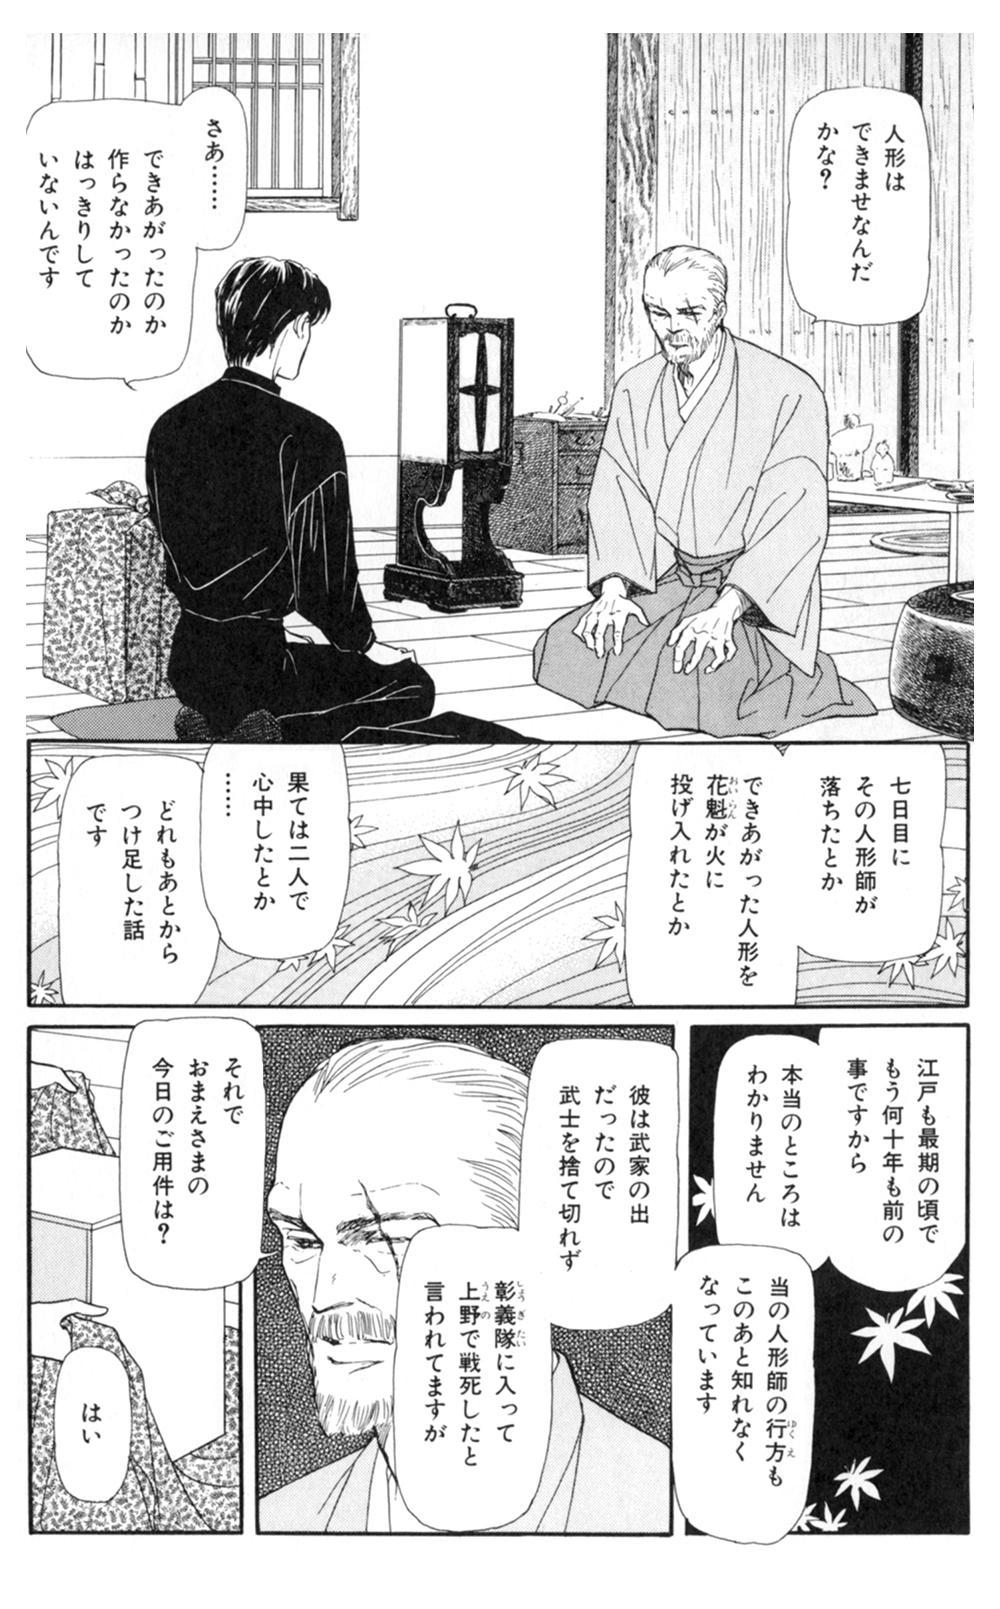 雨柳堂夢咄 第5話「花に暮れる」①uryudo01-121.jpg